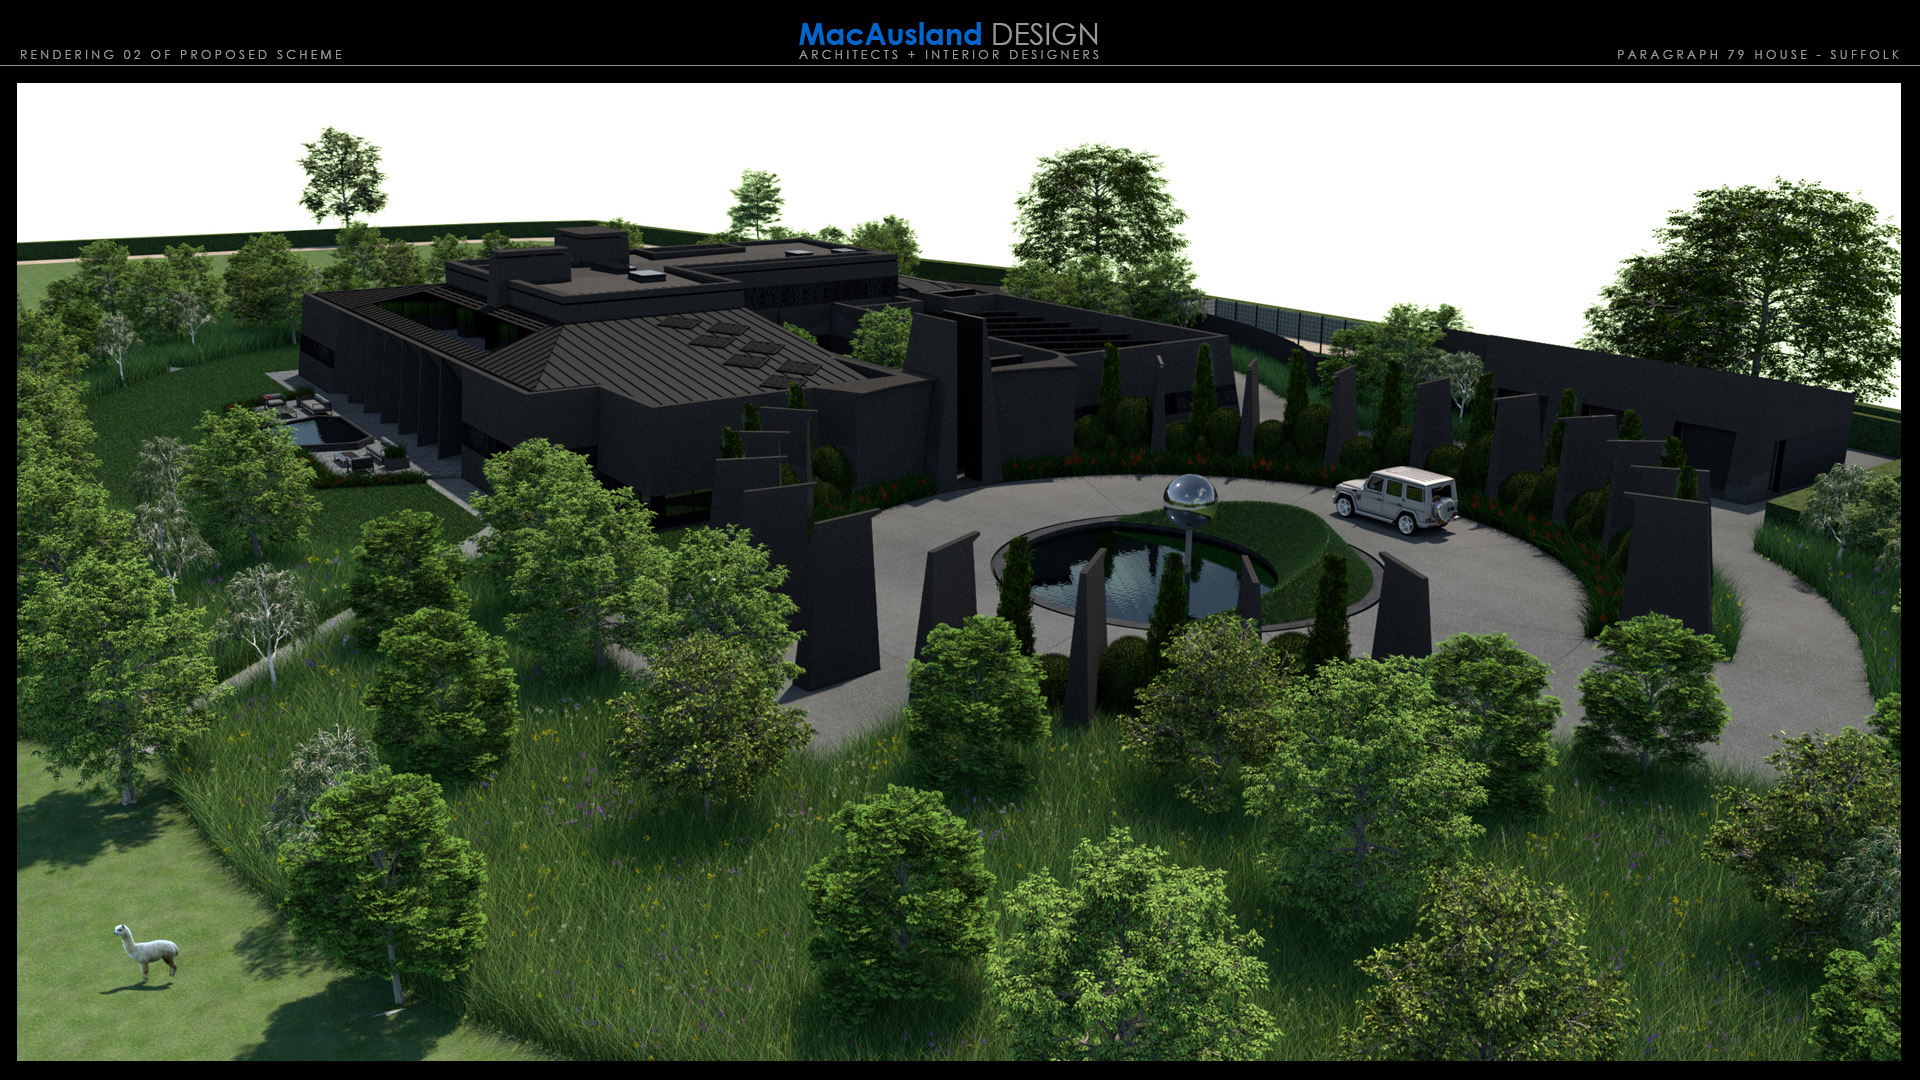 Miraculous Macausland Design Ltd Interior Design Ideas Helimdqseriescom